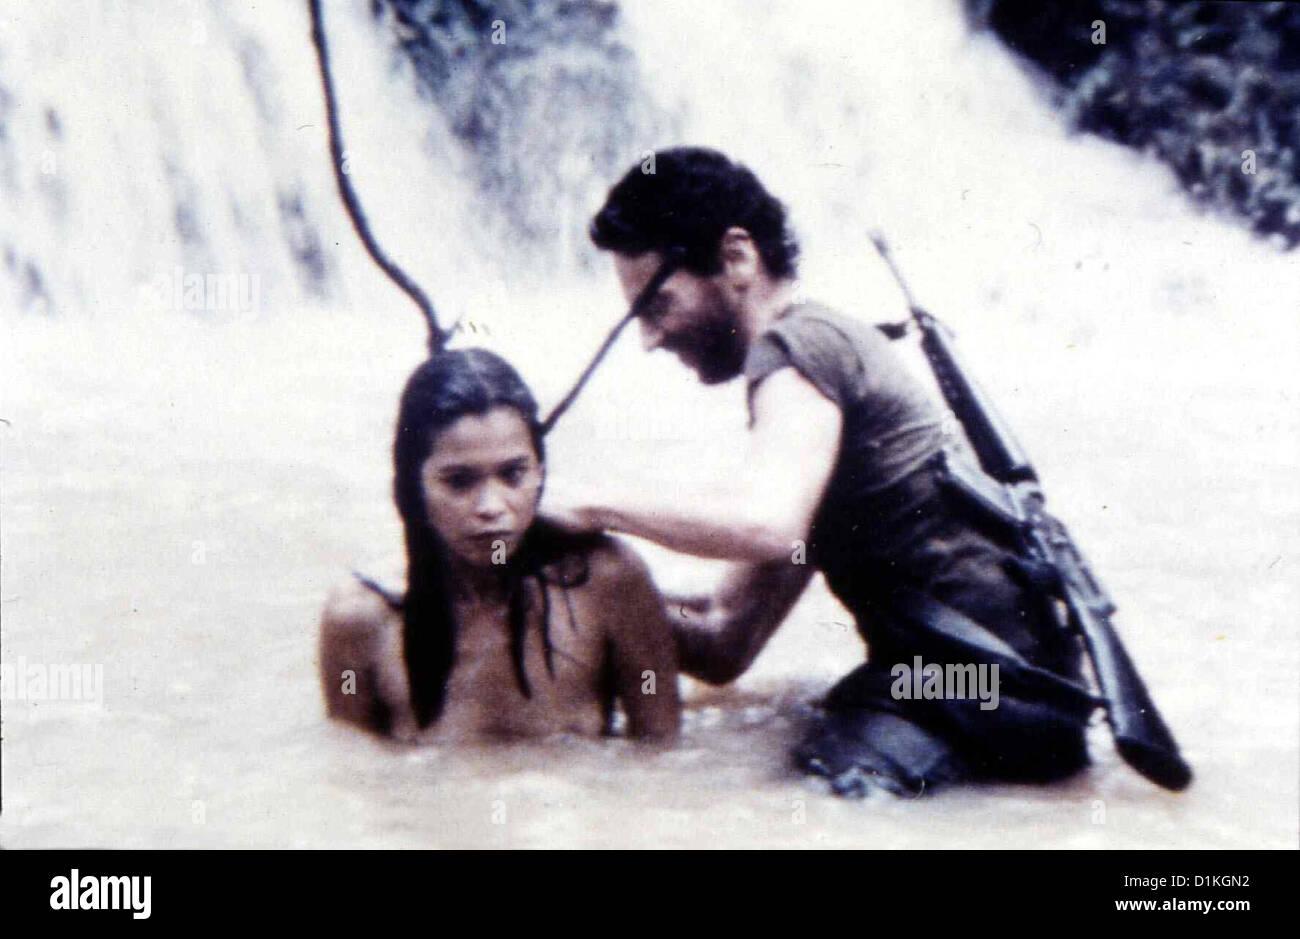 Zug zur Hölle Erkennungsmarken Minas (Gigi Duenas), Willy (Robert Haufrecht) *** lokalen Caption *** 1985 Gloria Video GmbH Stockfoto